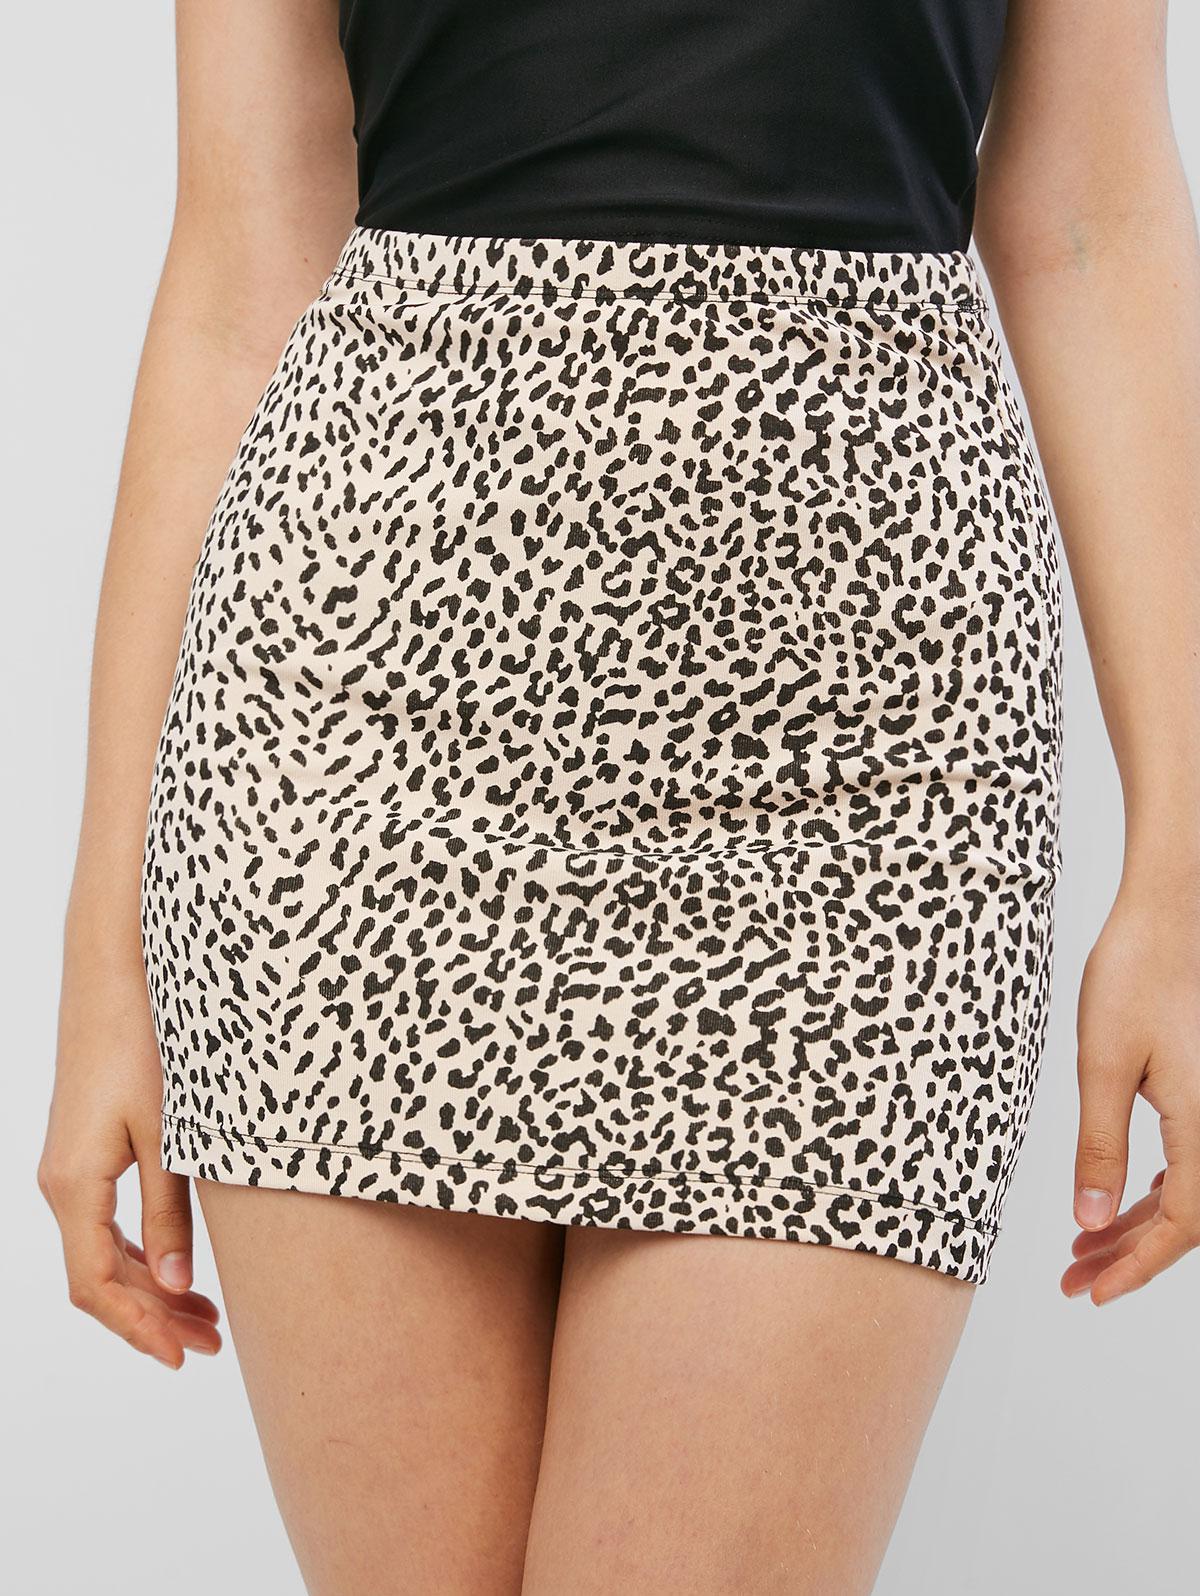 High Waist Leopard Print Sheath Skirt